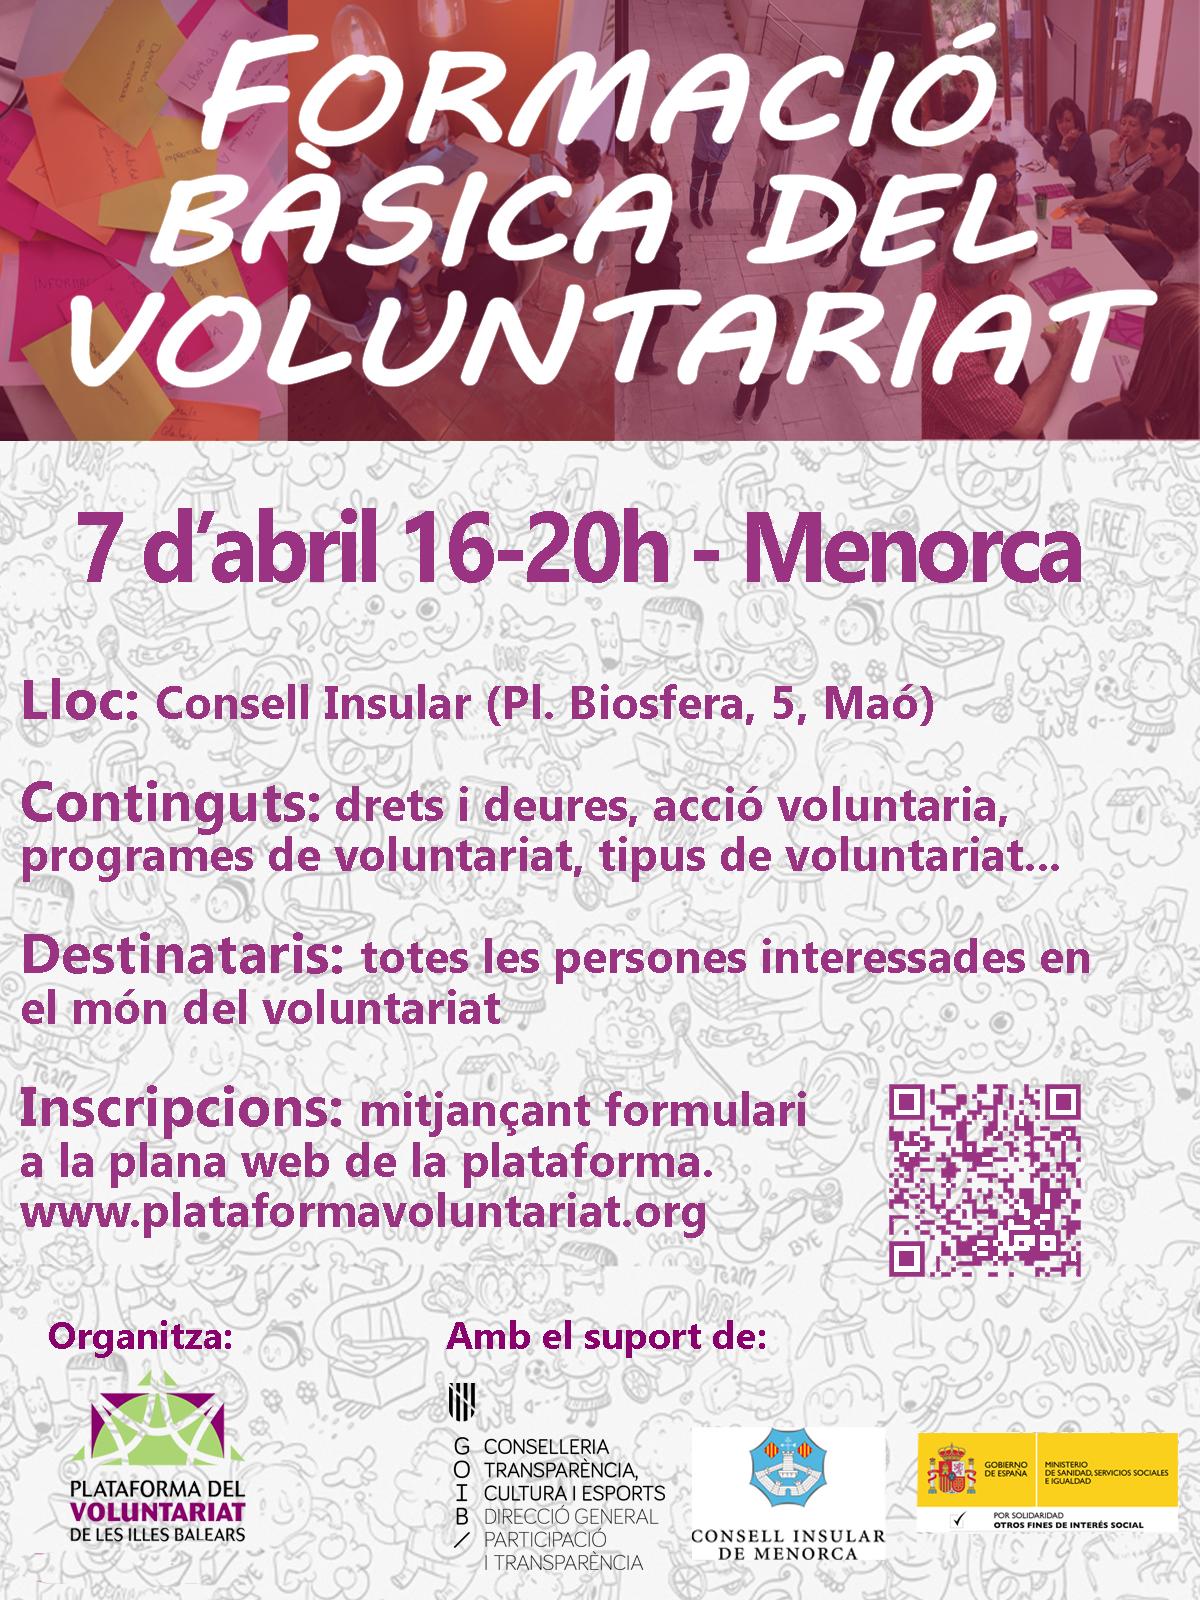 Formación Básica de Voluntariado en Maó